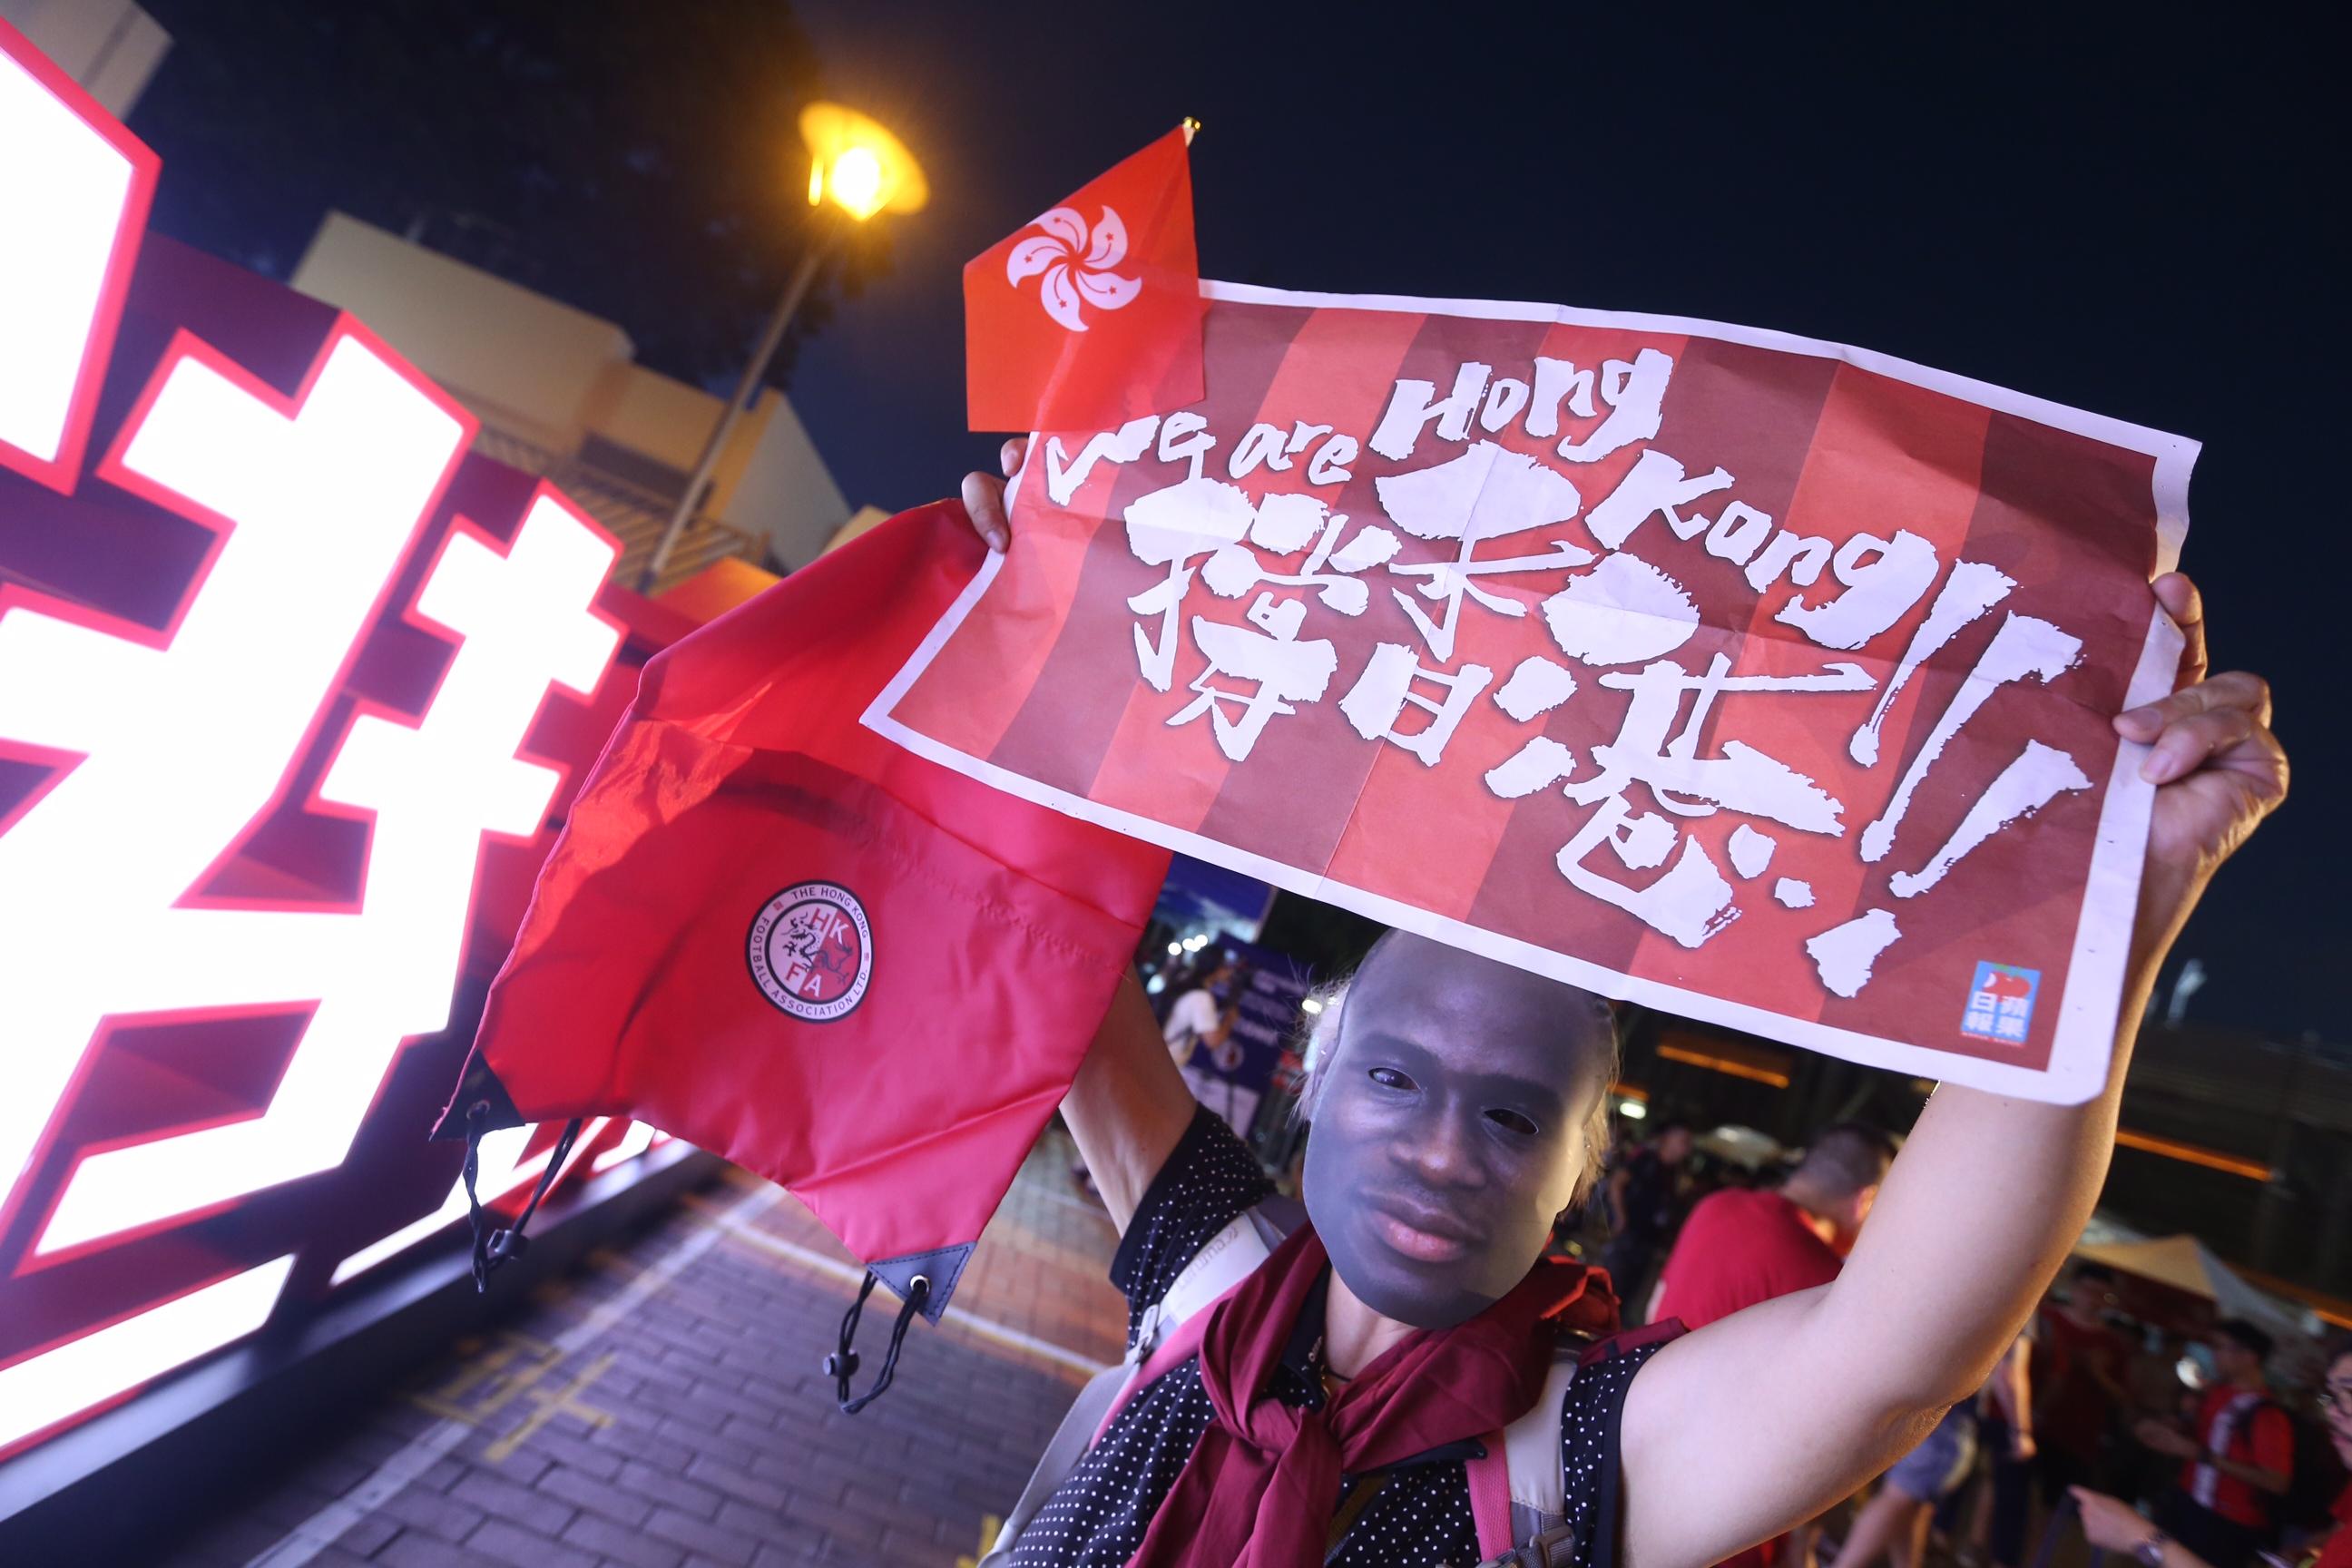 C Ssc Zheng Zhi Fifa 16